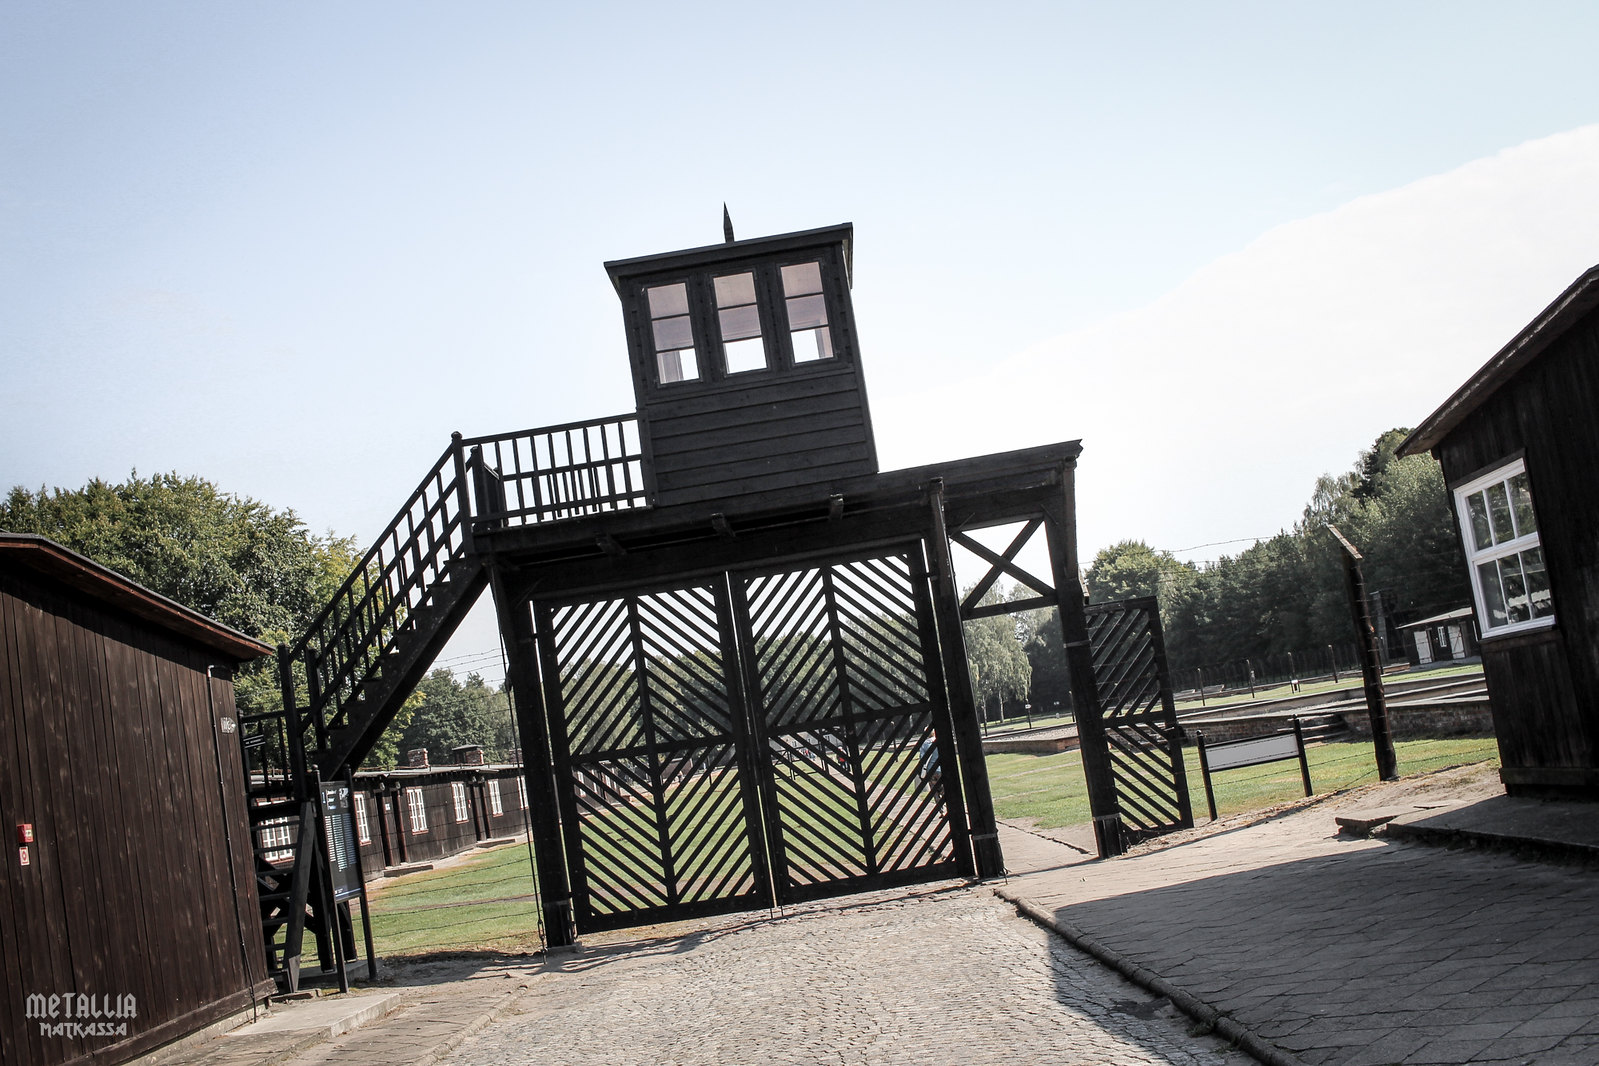 stutthof concentration camp, kl stutthof, muzeum stutthof w sztutowie, sztutowo, stutthofin keskitysleiri